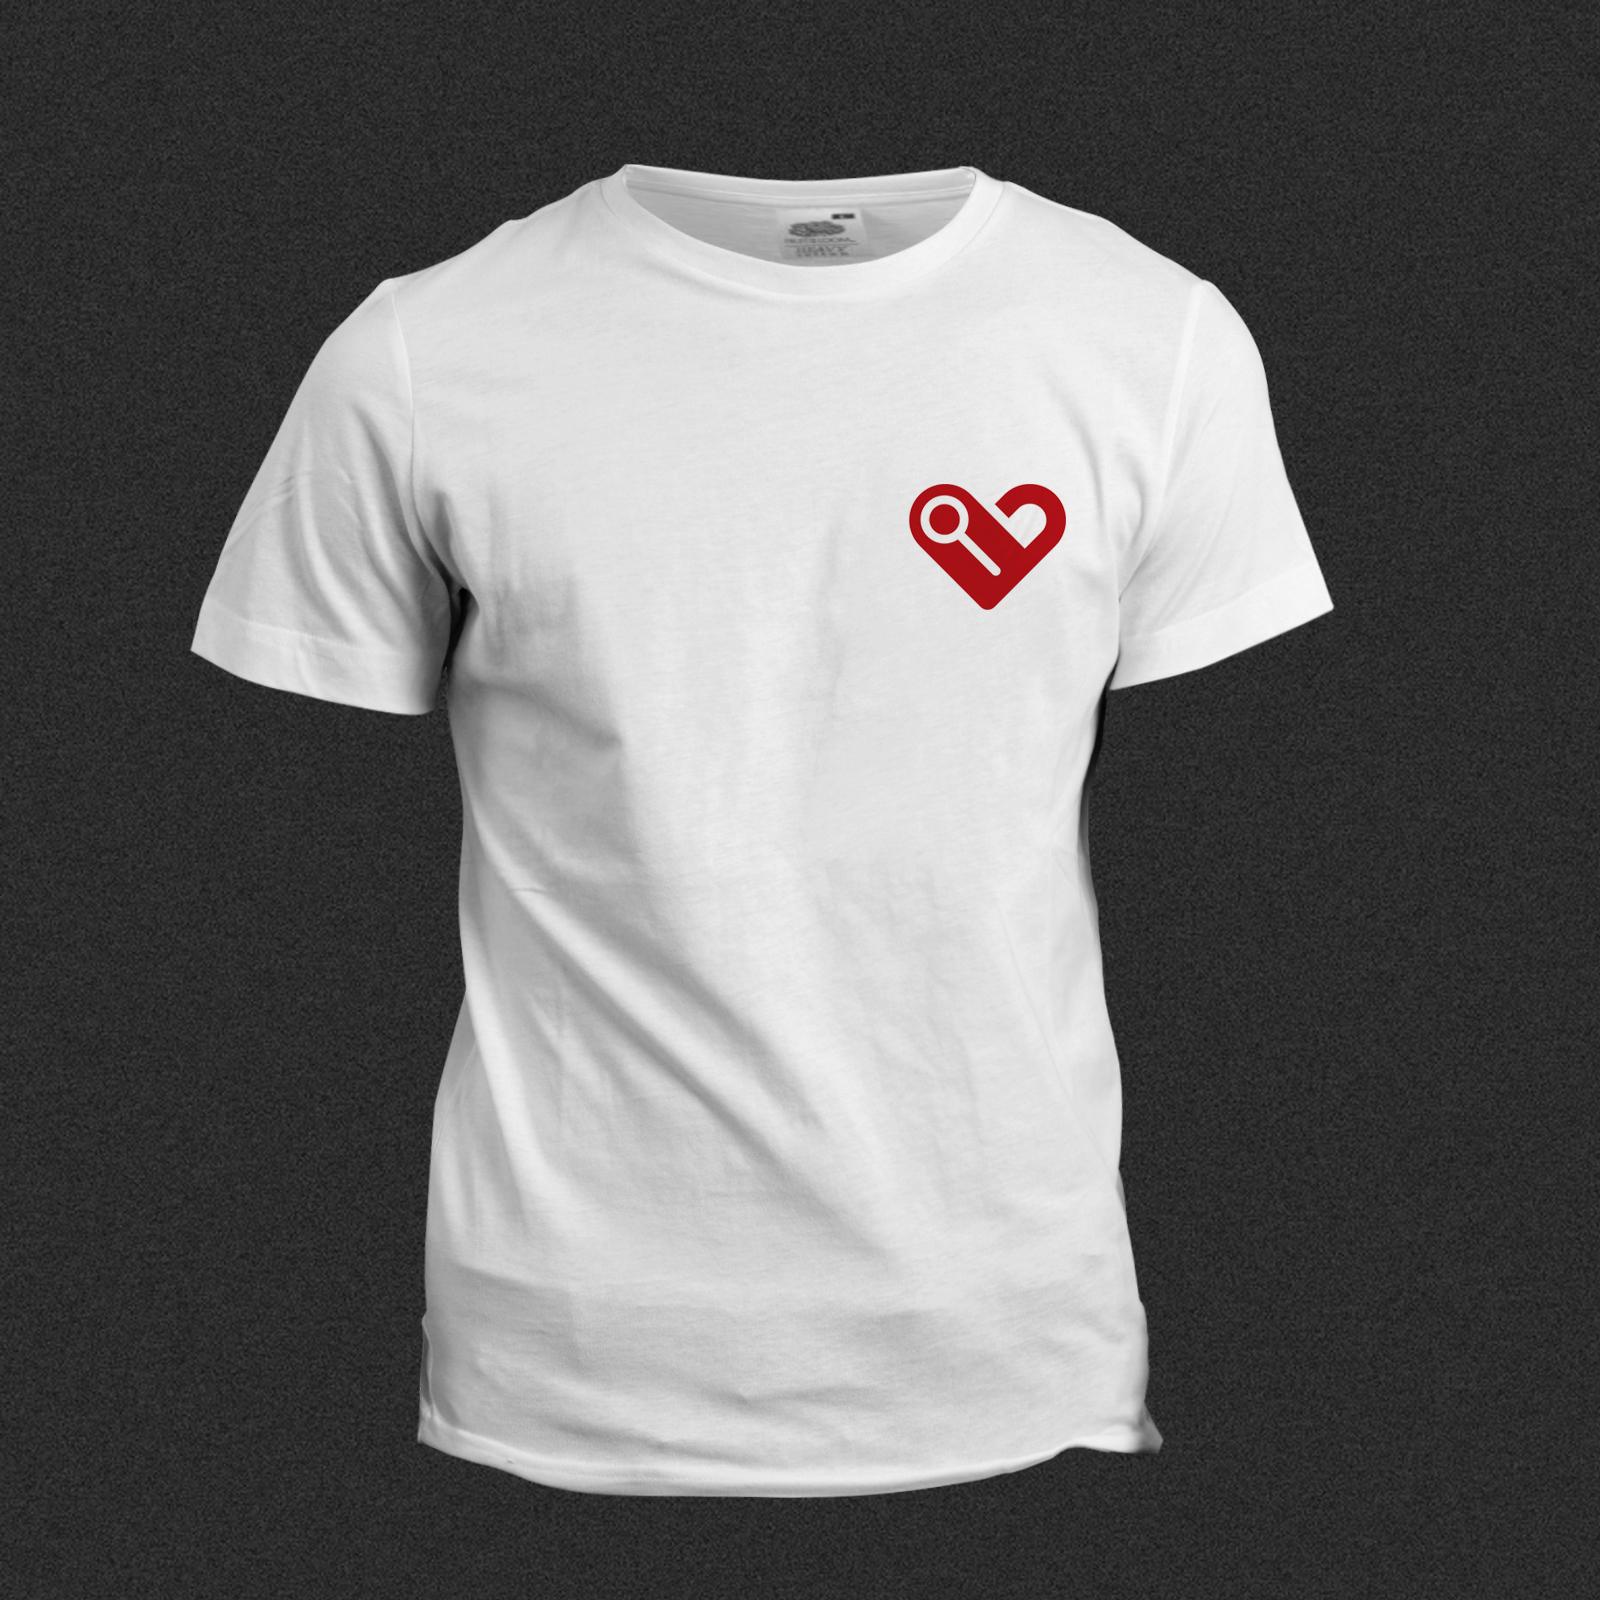 Нарисовать логотип сайта знакомств фото f_9465ad472628f9f7.jpg